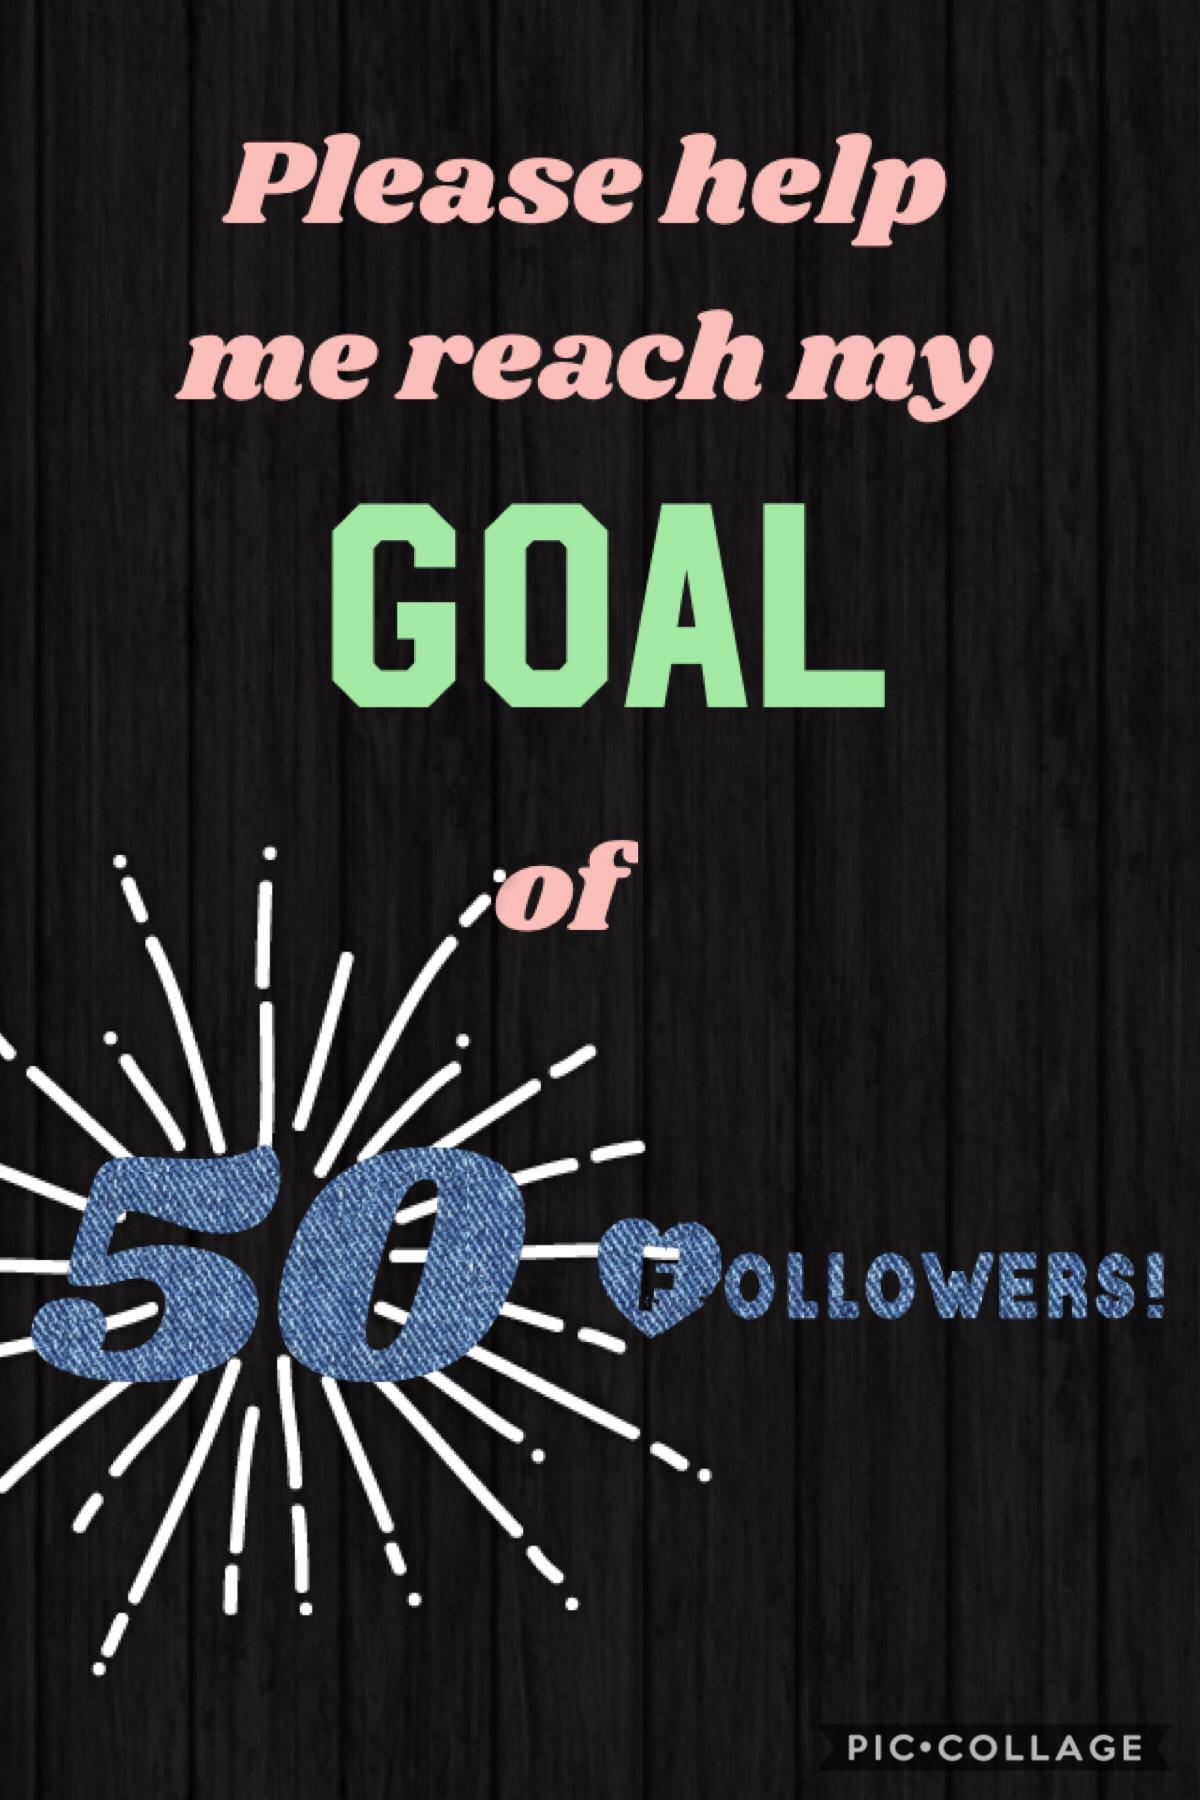 Plz help me reach my goal of 50 followers!!!🏅